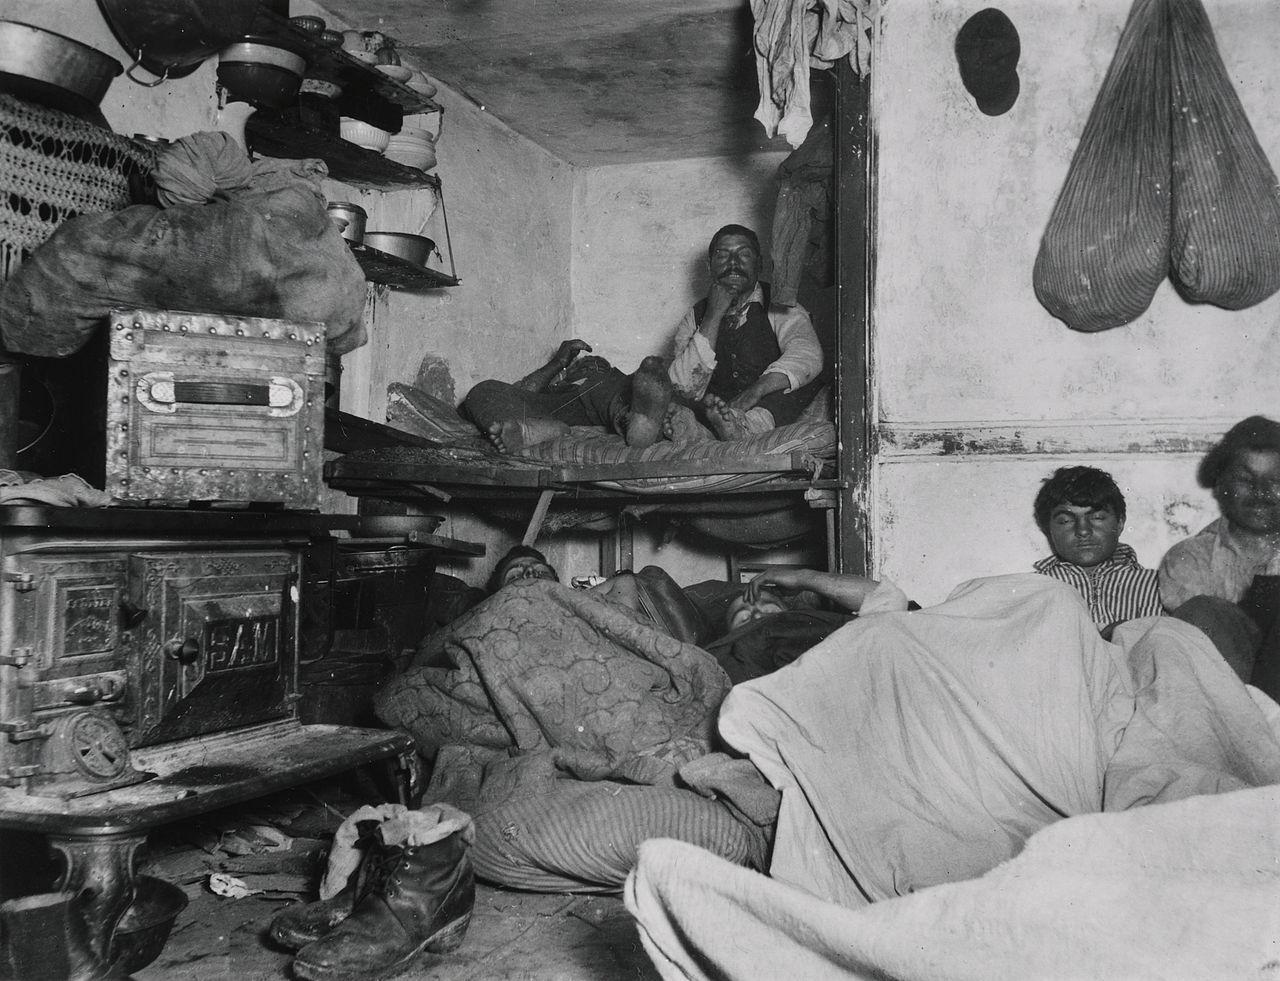 Jacob August Riis bayard Street Schlafstätte